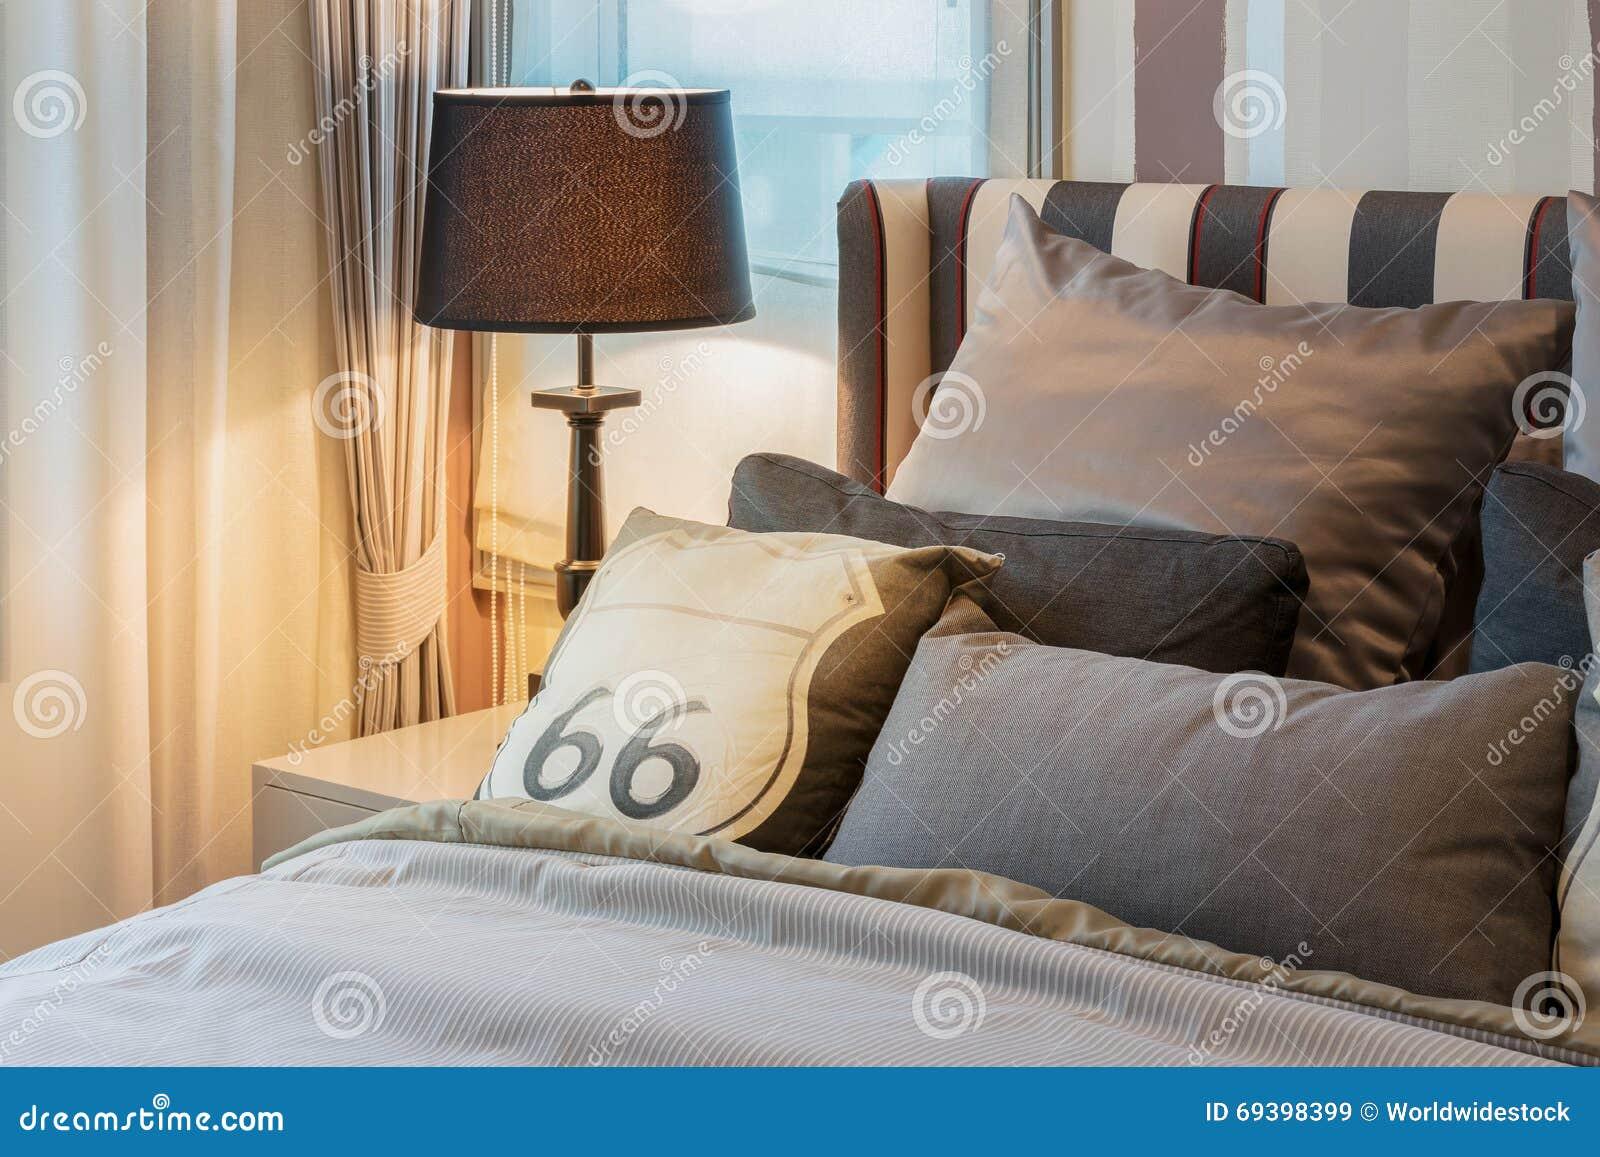 Camera da letto accogliente con i cuscini di marrone scuro e la lampada di lettura immagine - Letto con cuscini ...